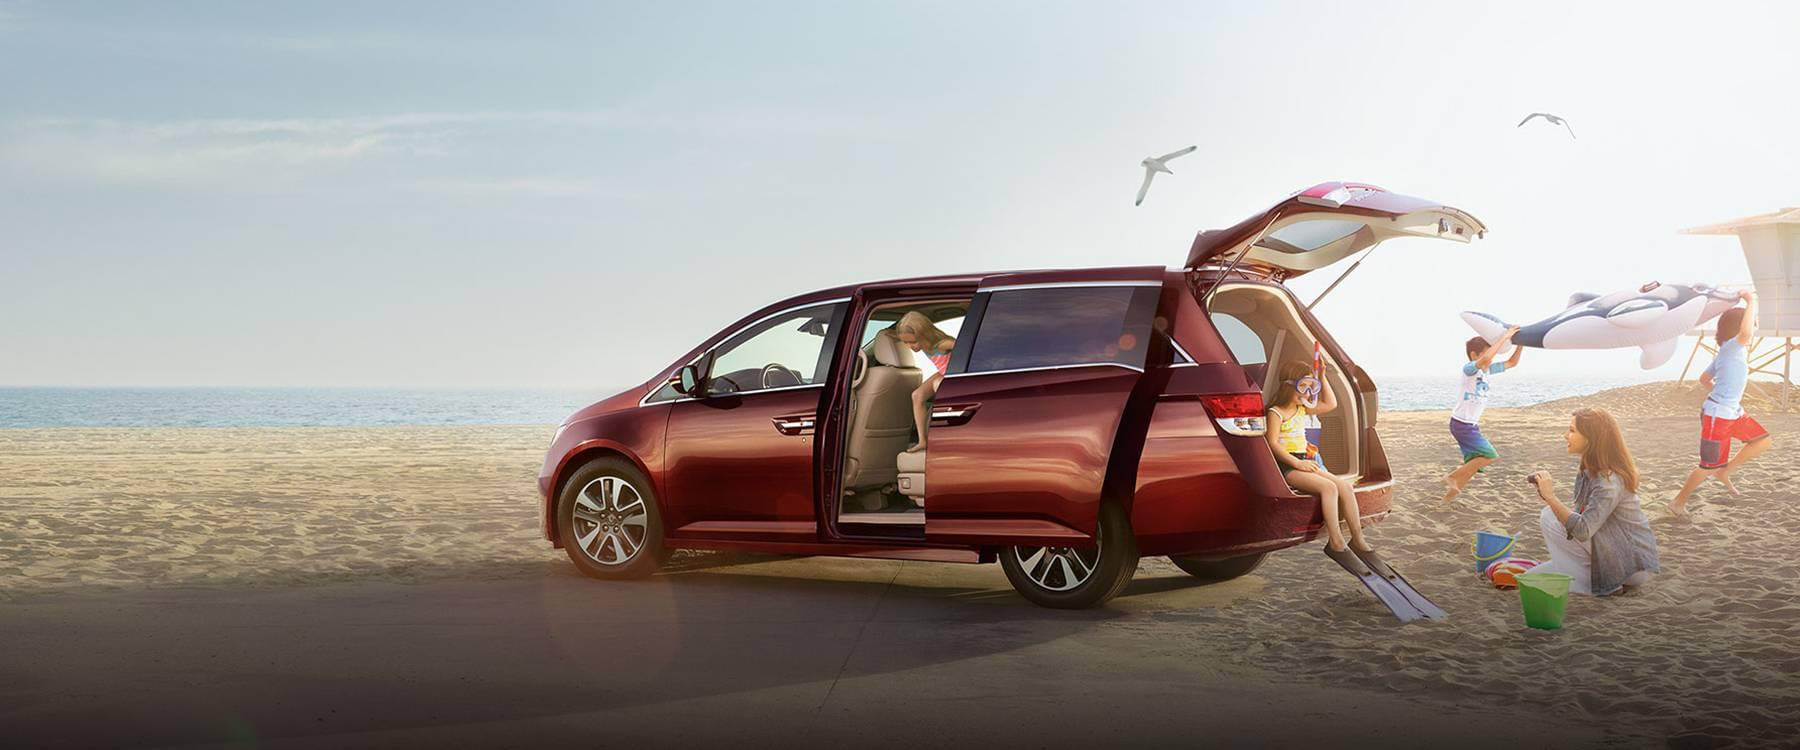 2017 Honda Odyssey Family